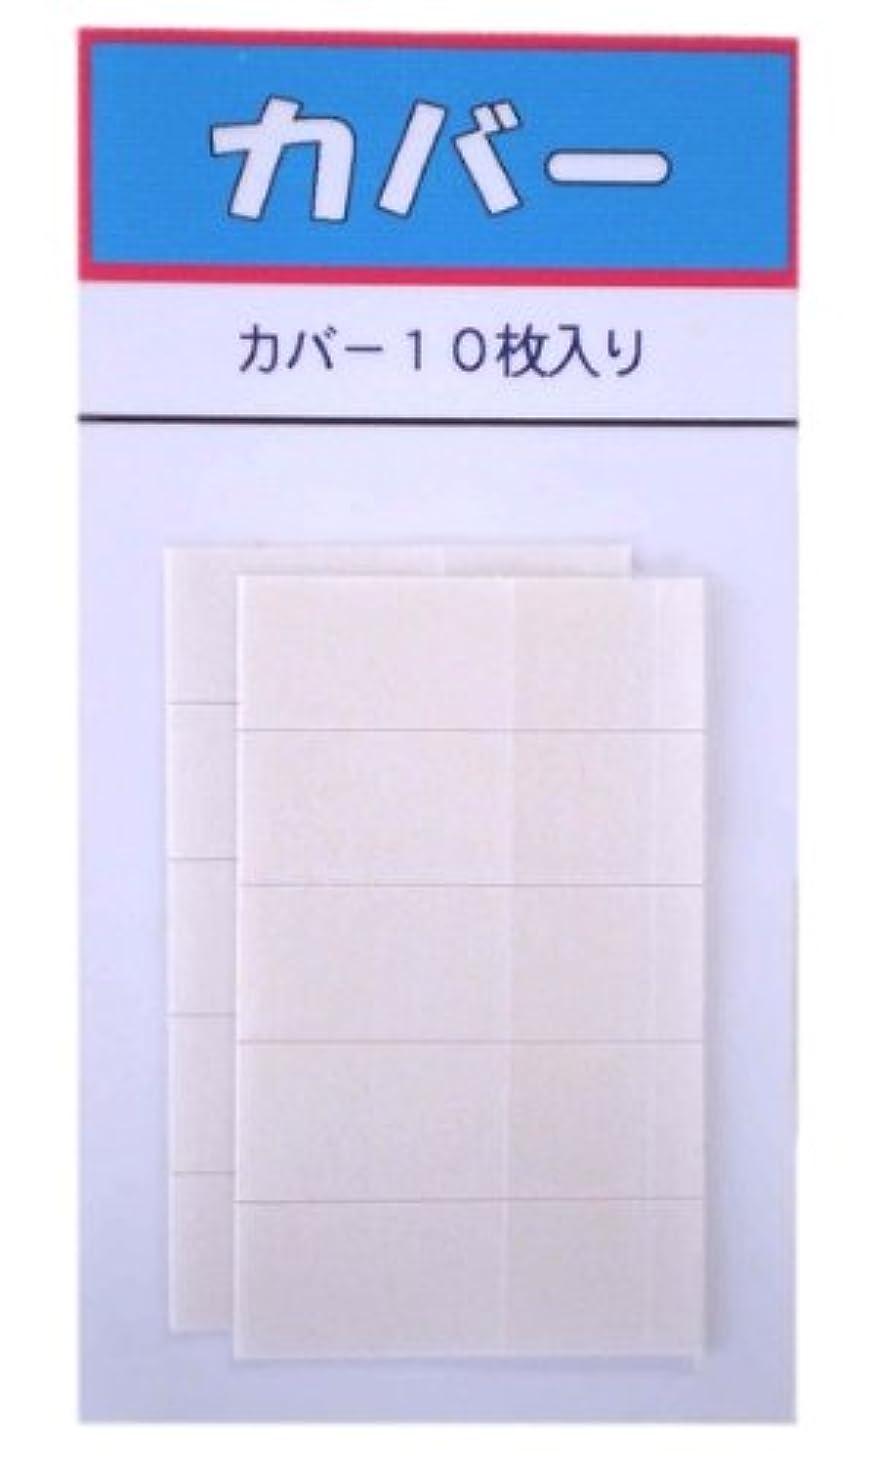 水没アルコーブ比較的巻き爪ブロックセット品 単品販売 カバー10枚入り